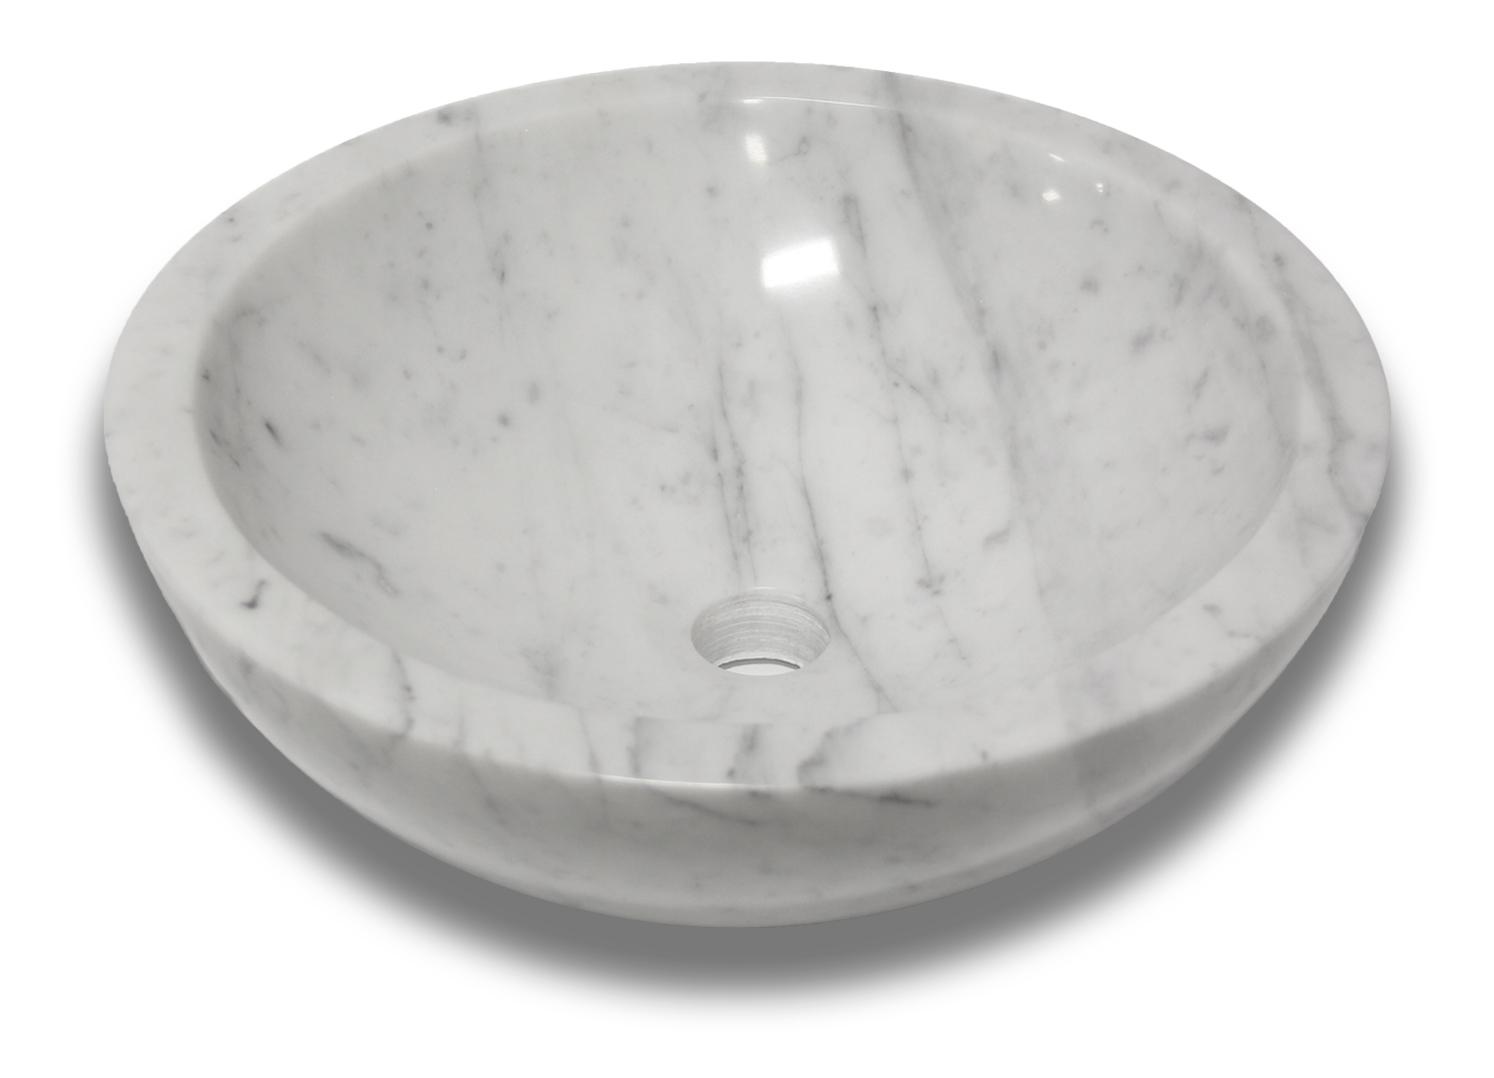 Venatino Carrara Round Vessel